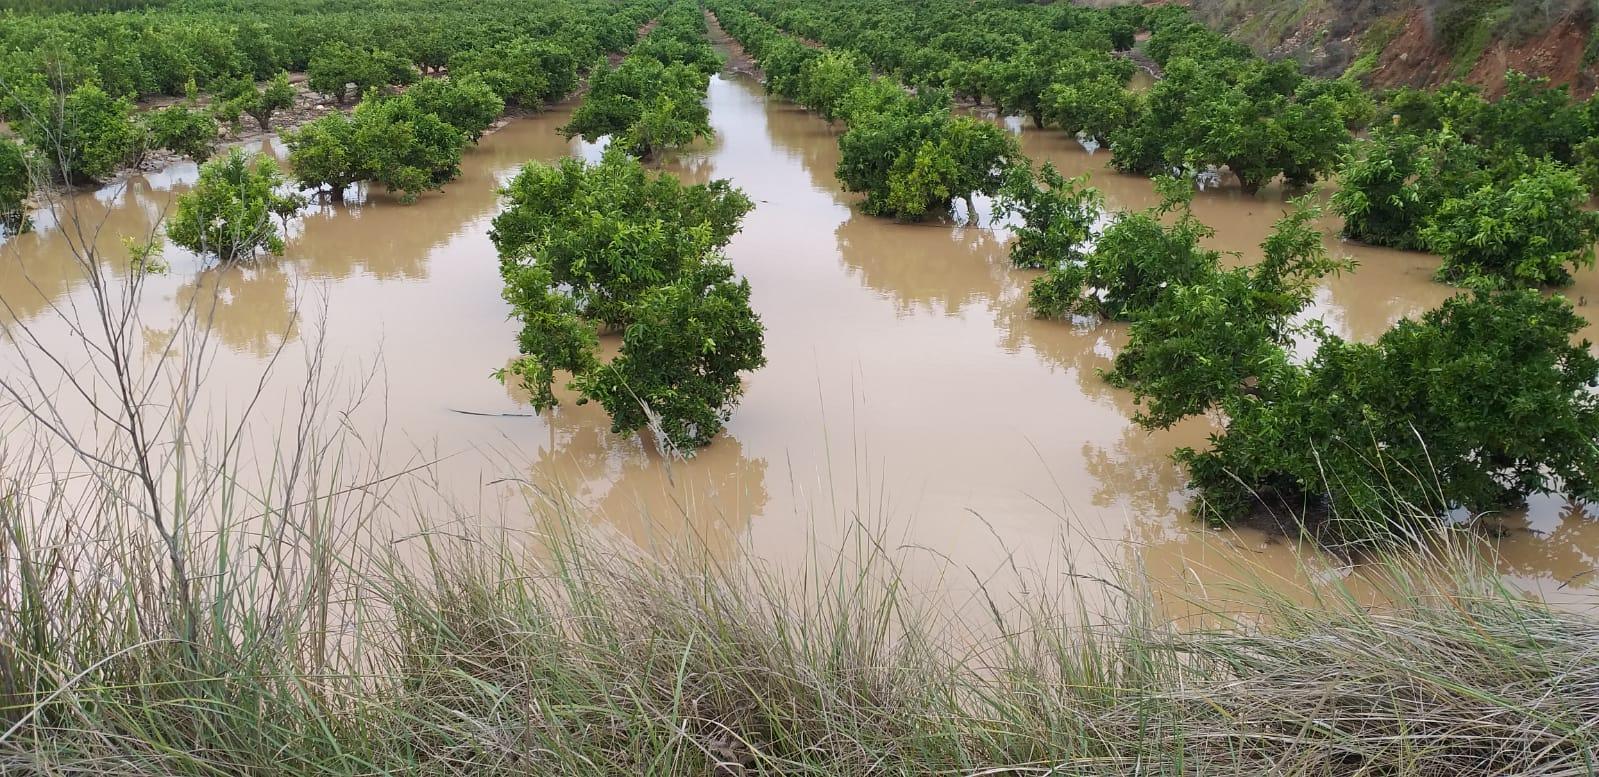 A un 80 por ciento ascienden pérdidas por inundaciones en el sector agrícola